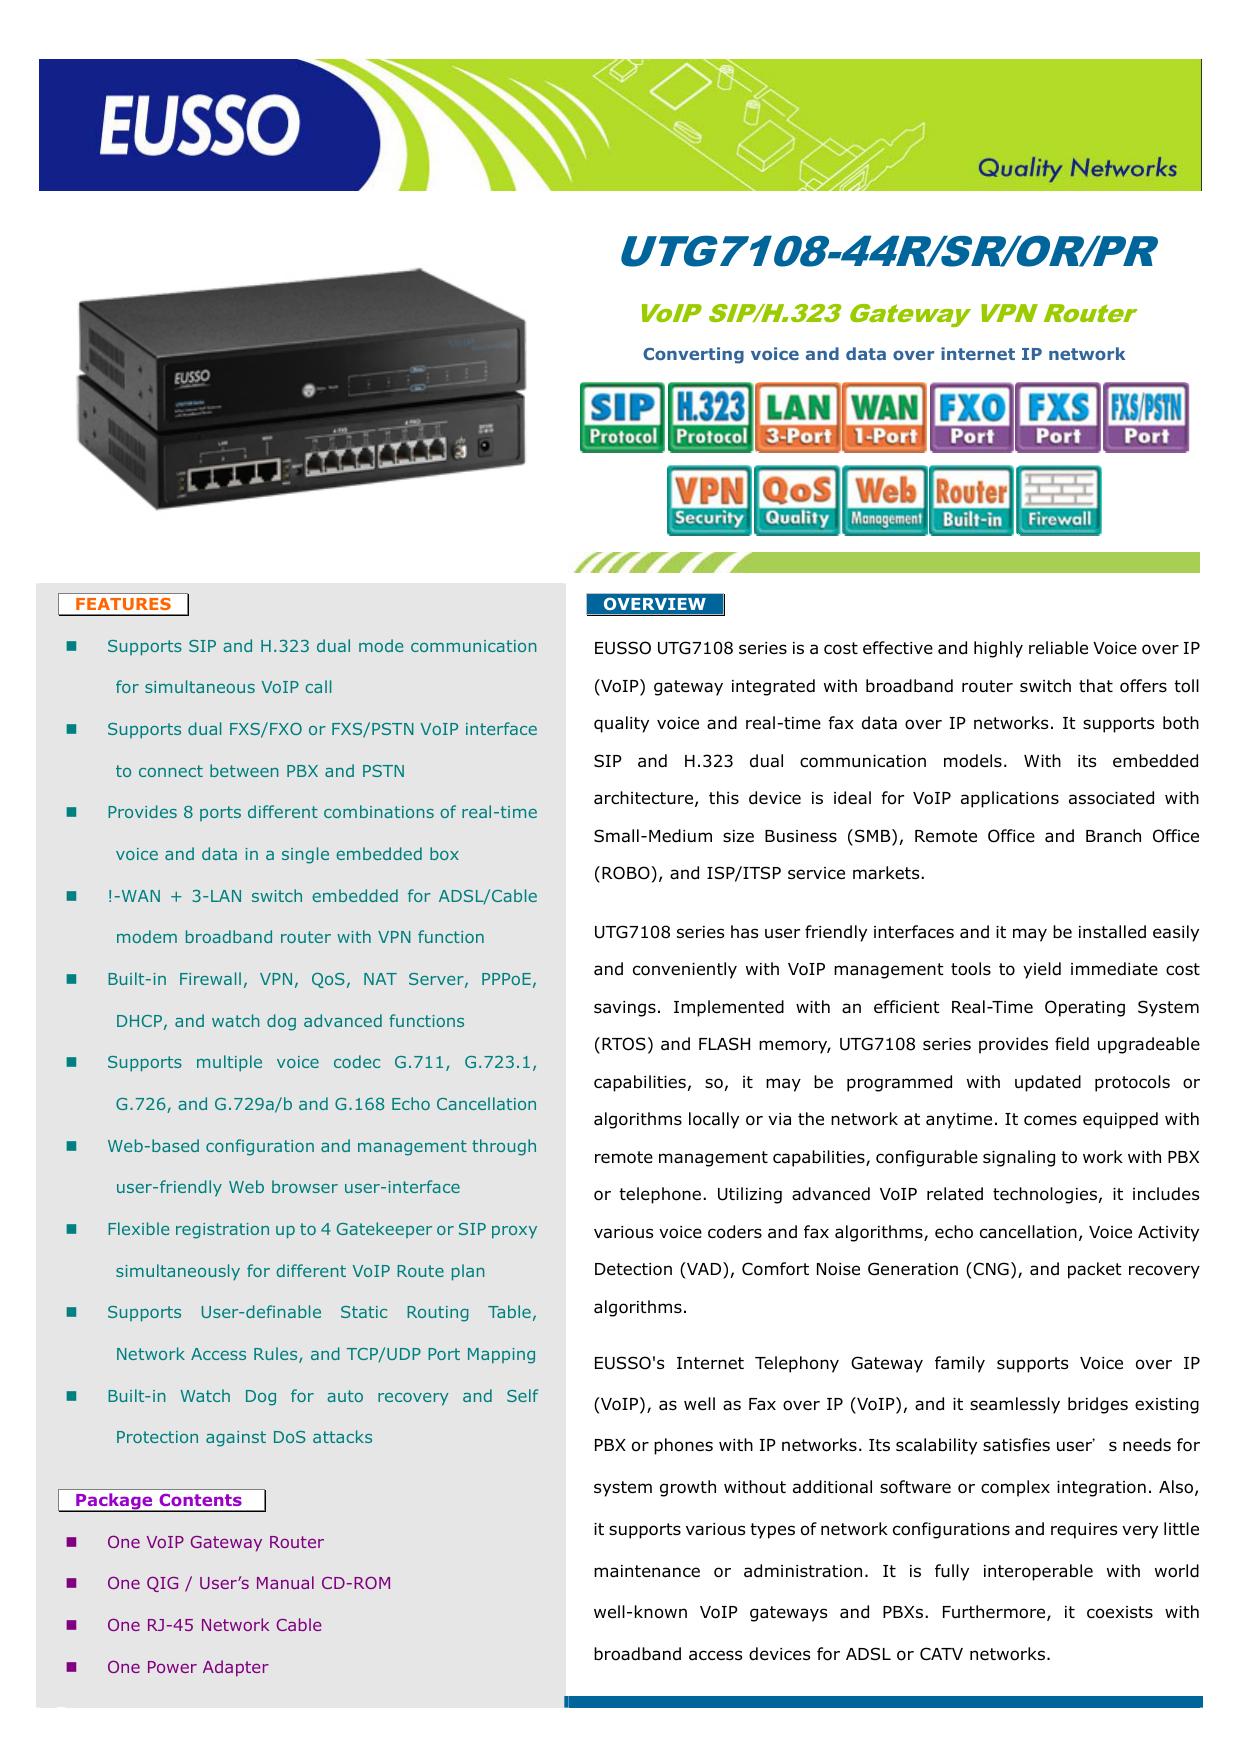 UTG7108-44R/SR/OR/PR - EUSSO Technologies, Inc    manualzz com